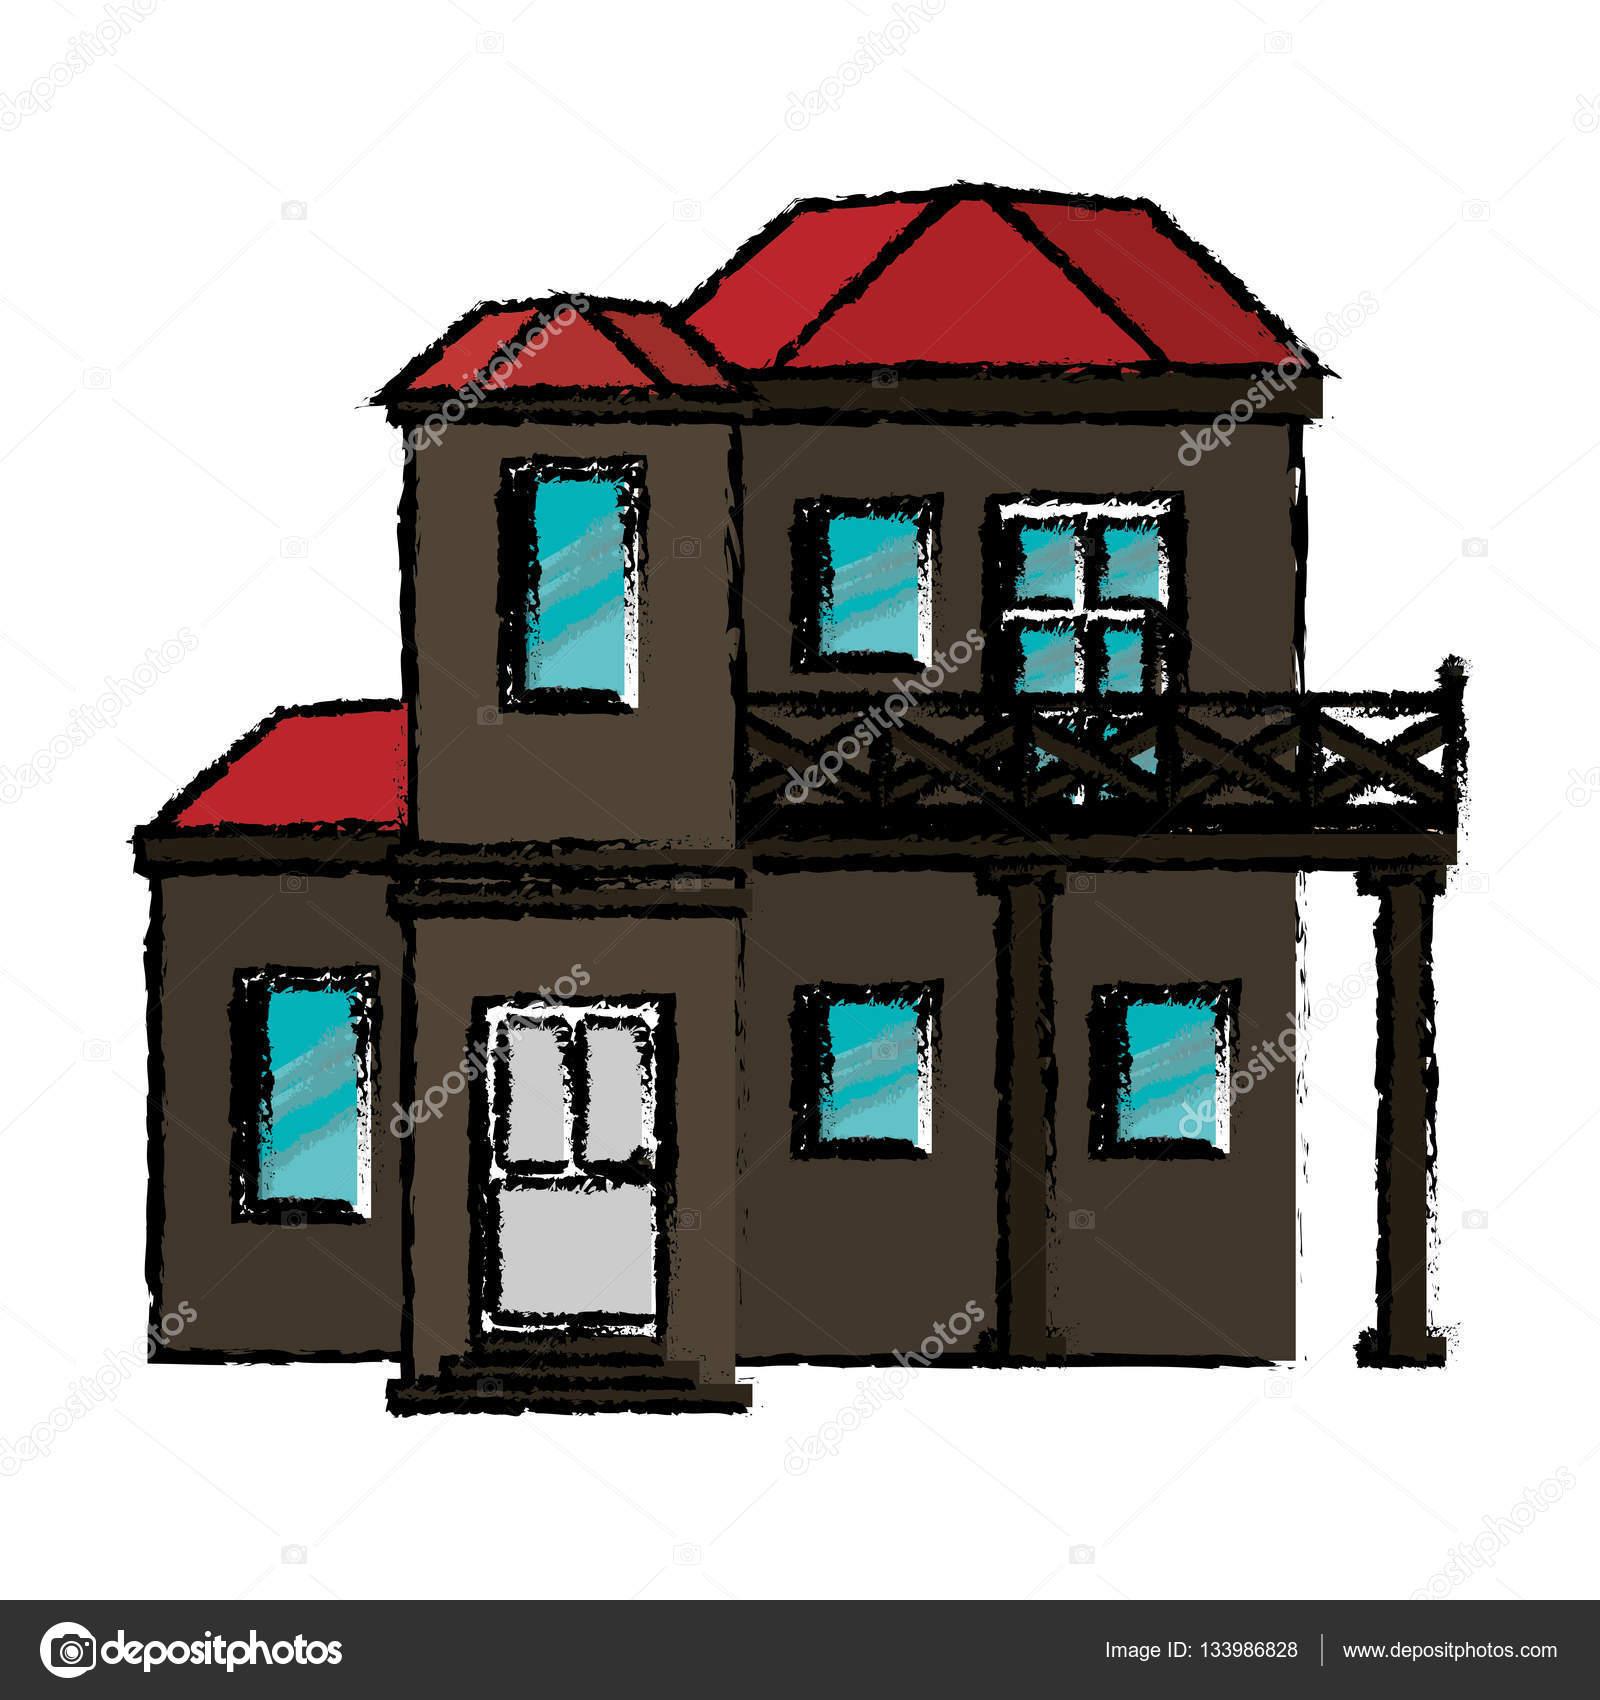 zeichnung haus mit balkon roten dach stockvektor. Black Bedroom Furniture Sets. Home Design Ideas